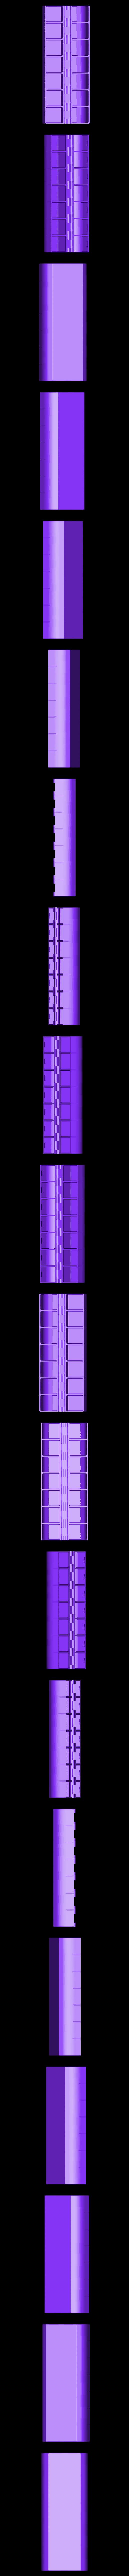 Long_Curved_bottom.stl Télécharger fichier STL gratuit Pilulier 2 semaines • Objet pour imprimante 3D, Oggie